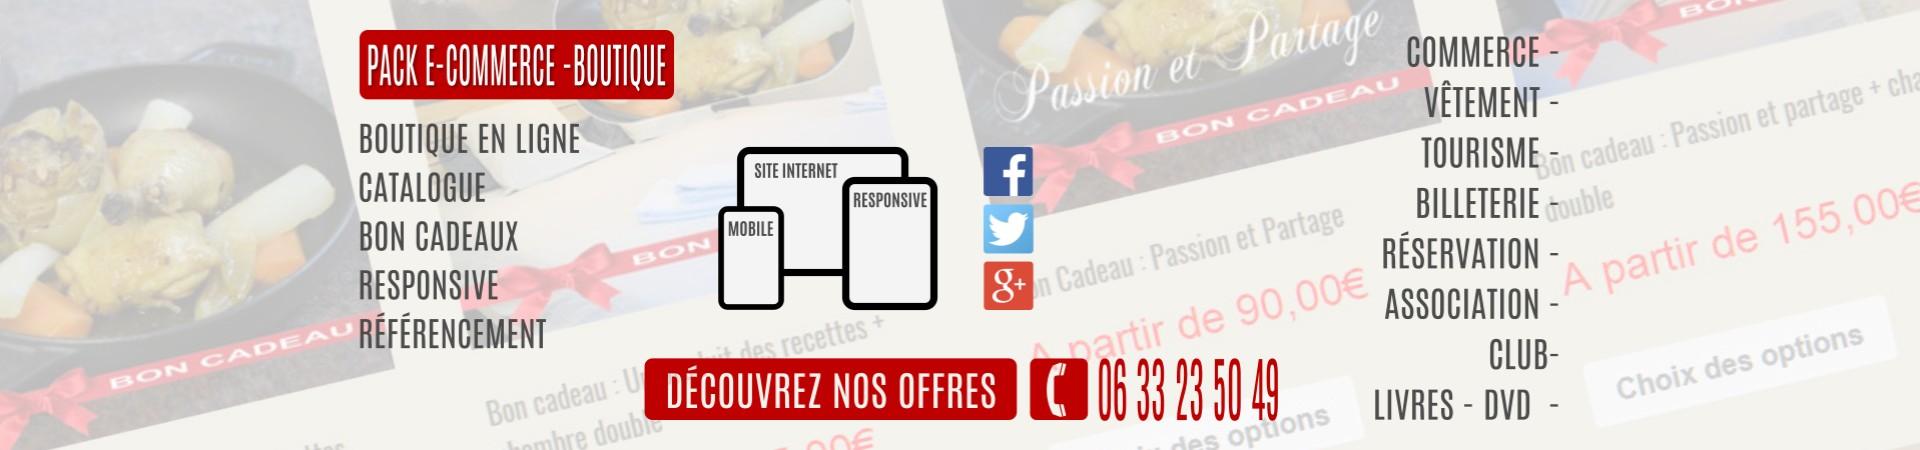 E-commerce Boutique en ligne Woocommerce